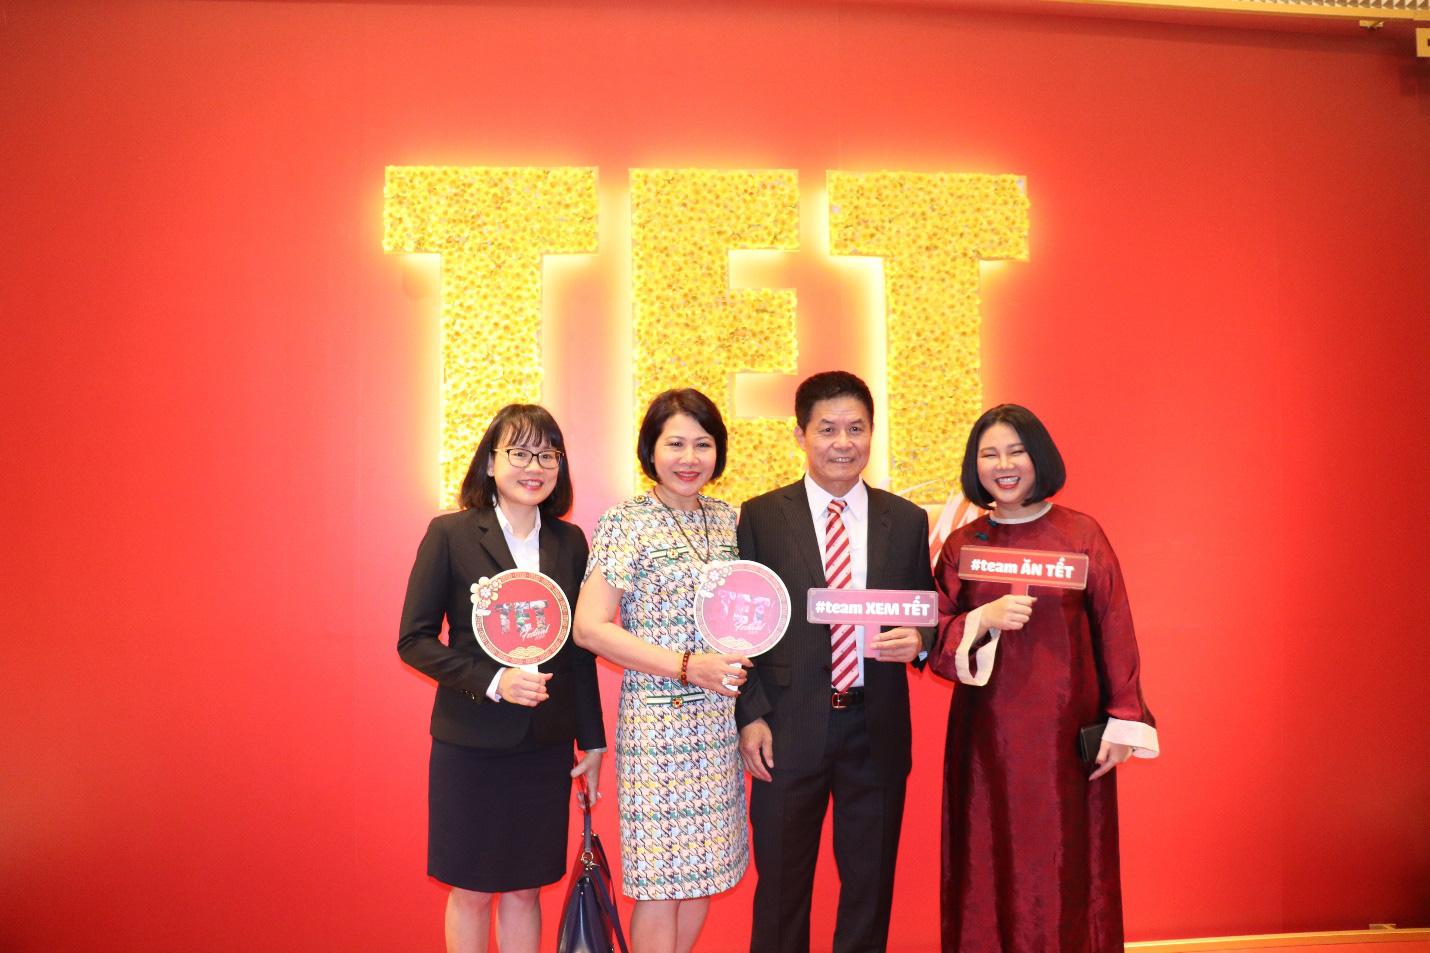 Chin-Su đồng hành cùng Lễ hội Tết Việt – Tết Festival 2020 - Ảnh 1.